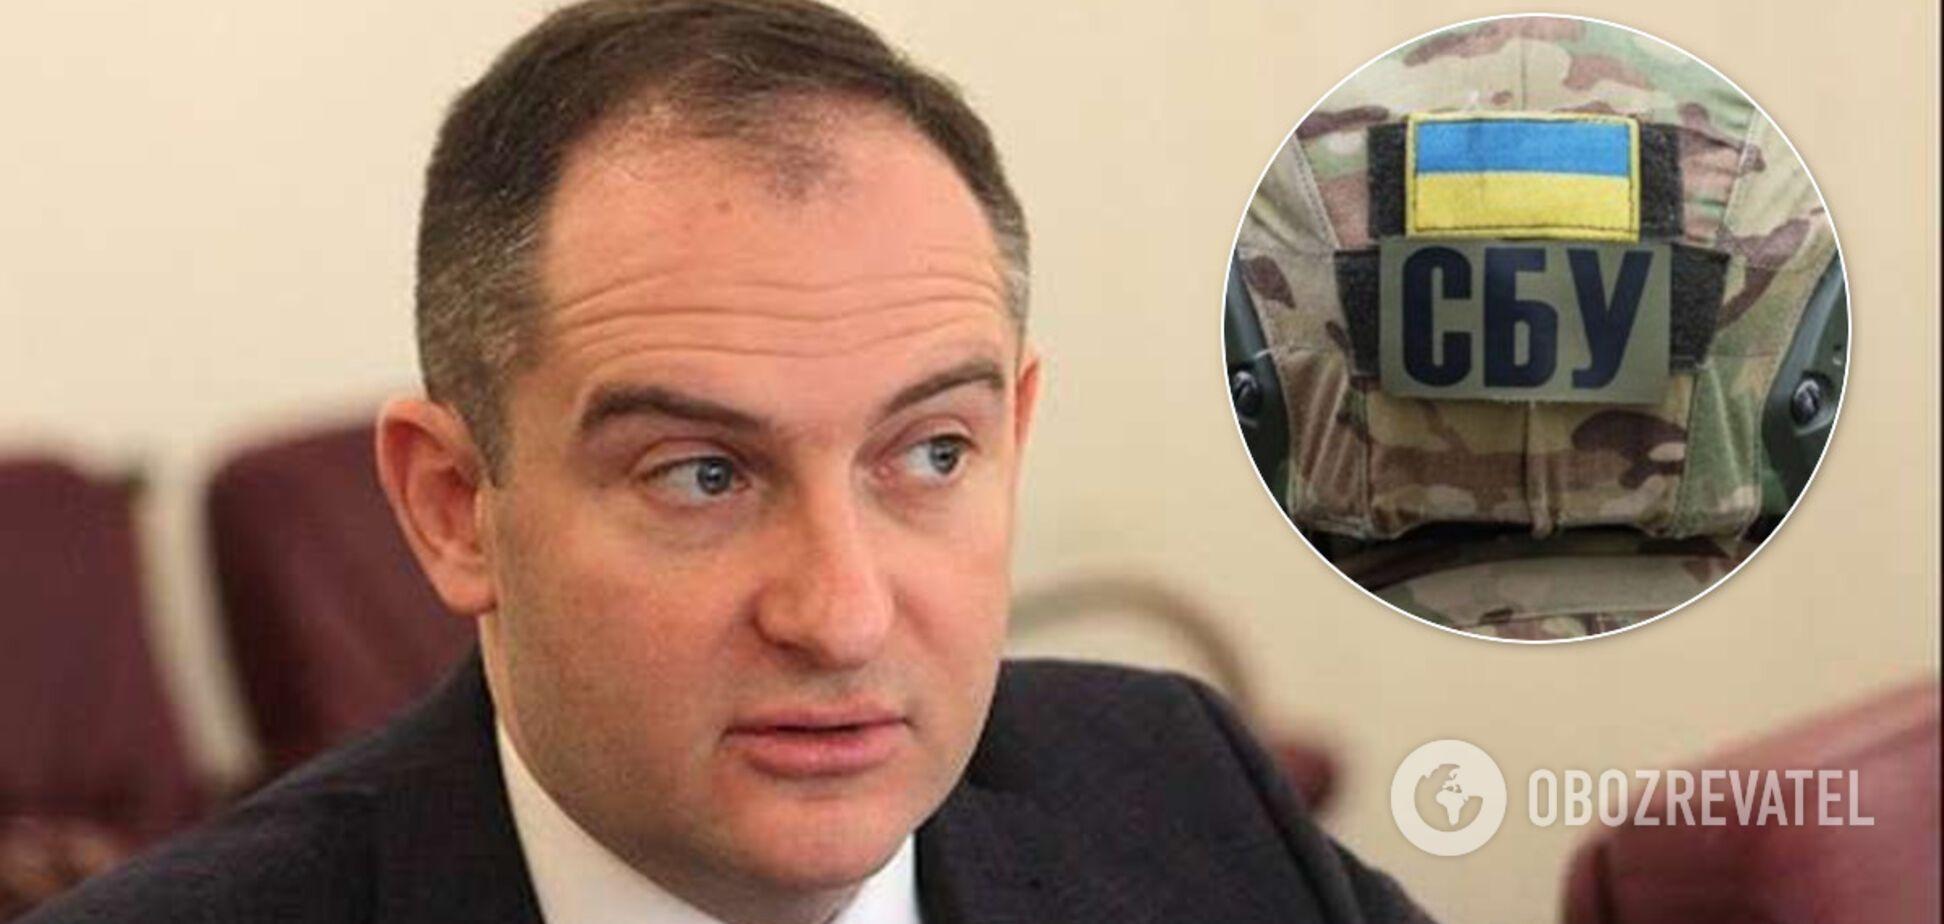 СБУ провела обыски у экс-главы налоговой Верланова: все детали